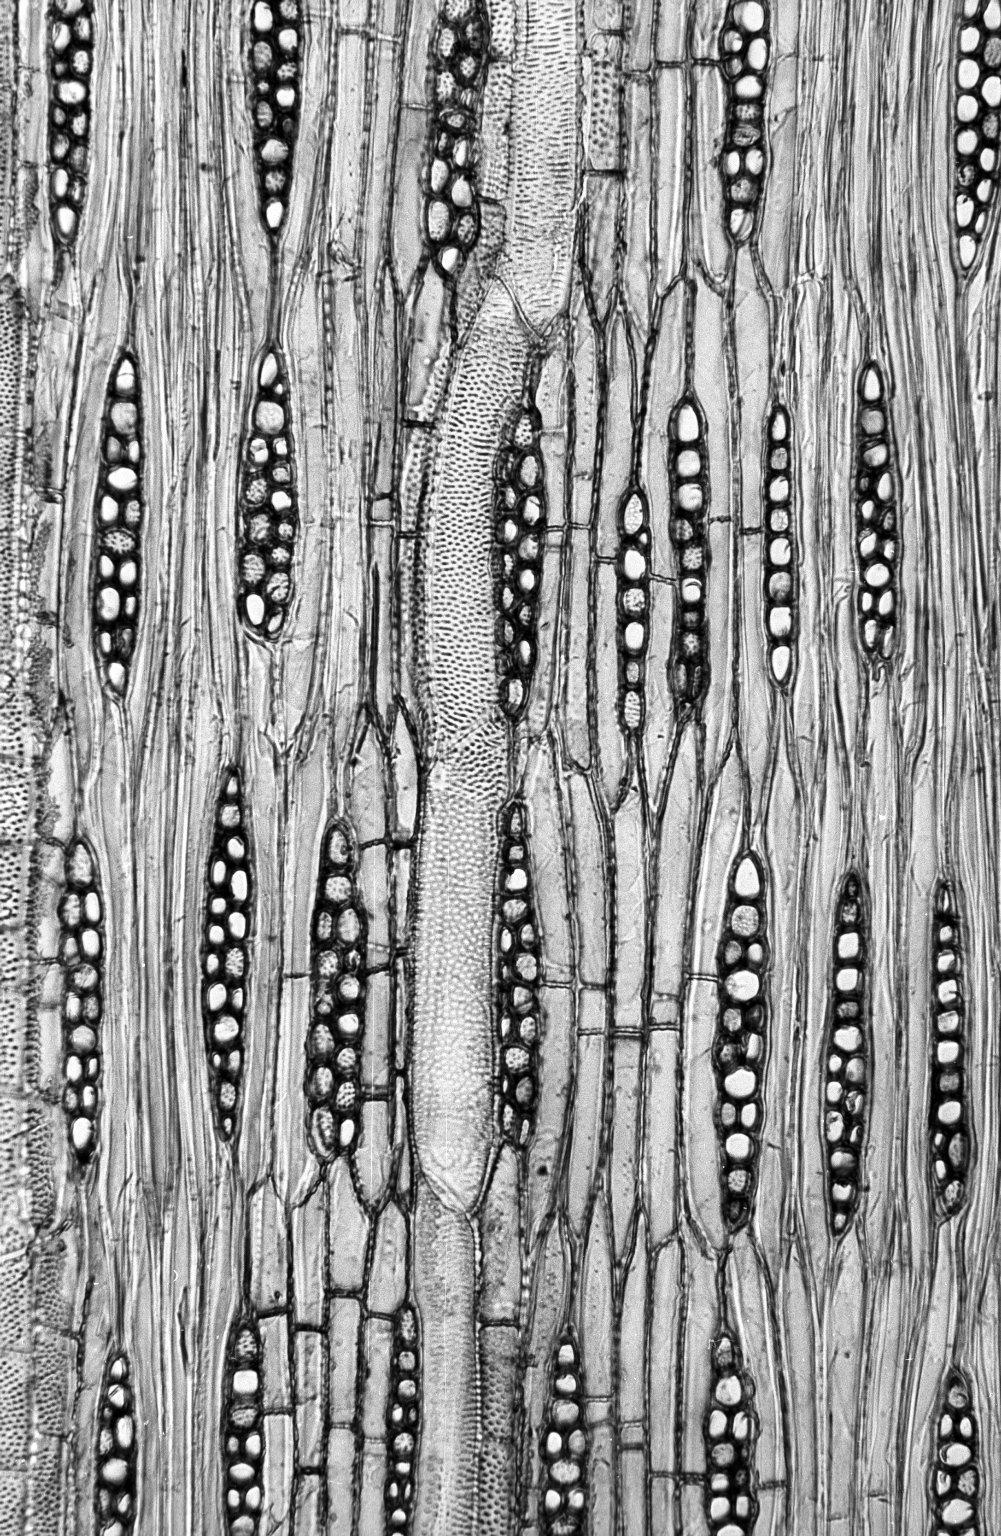 BIGNONIACEAE Tabebuia pallida